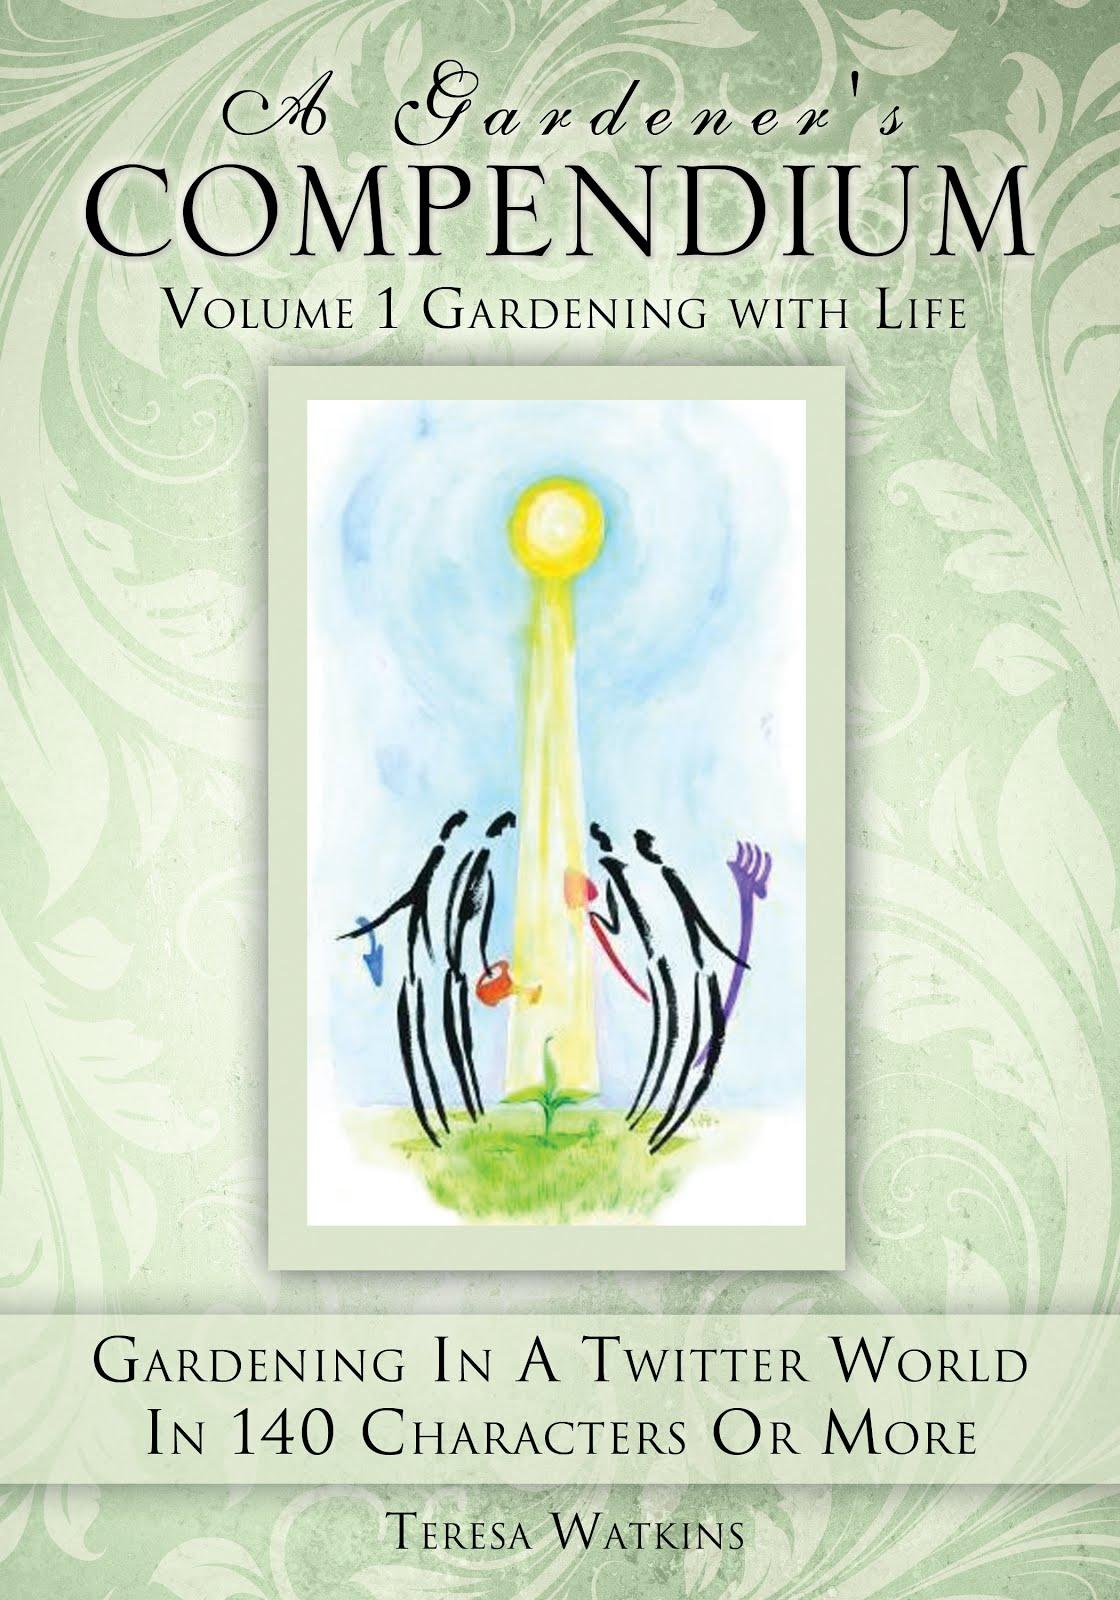 A Gardener's Compendium: Volume 1